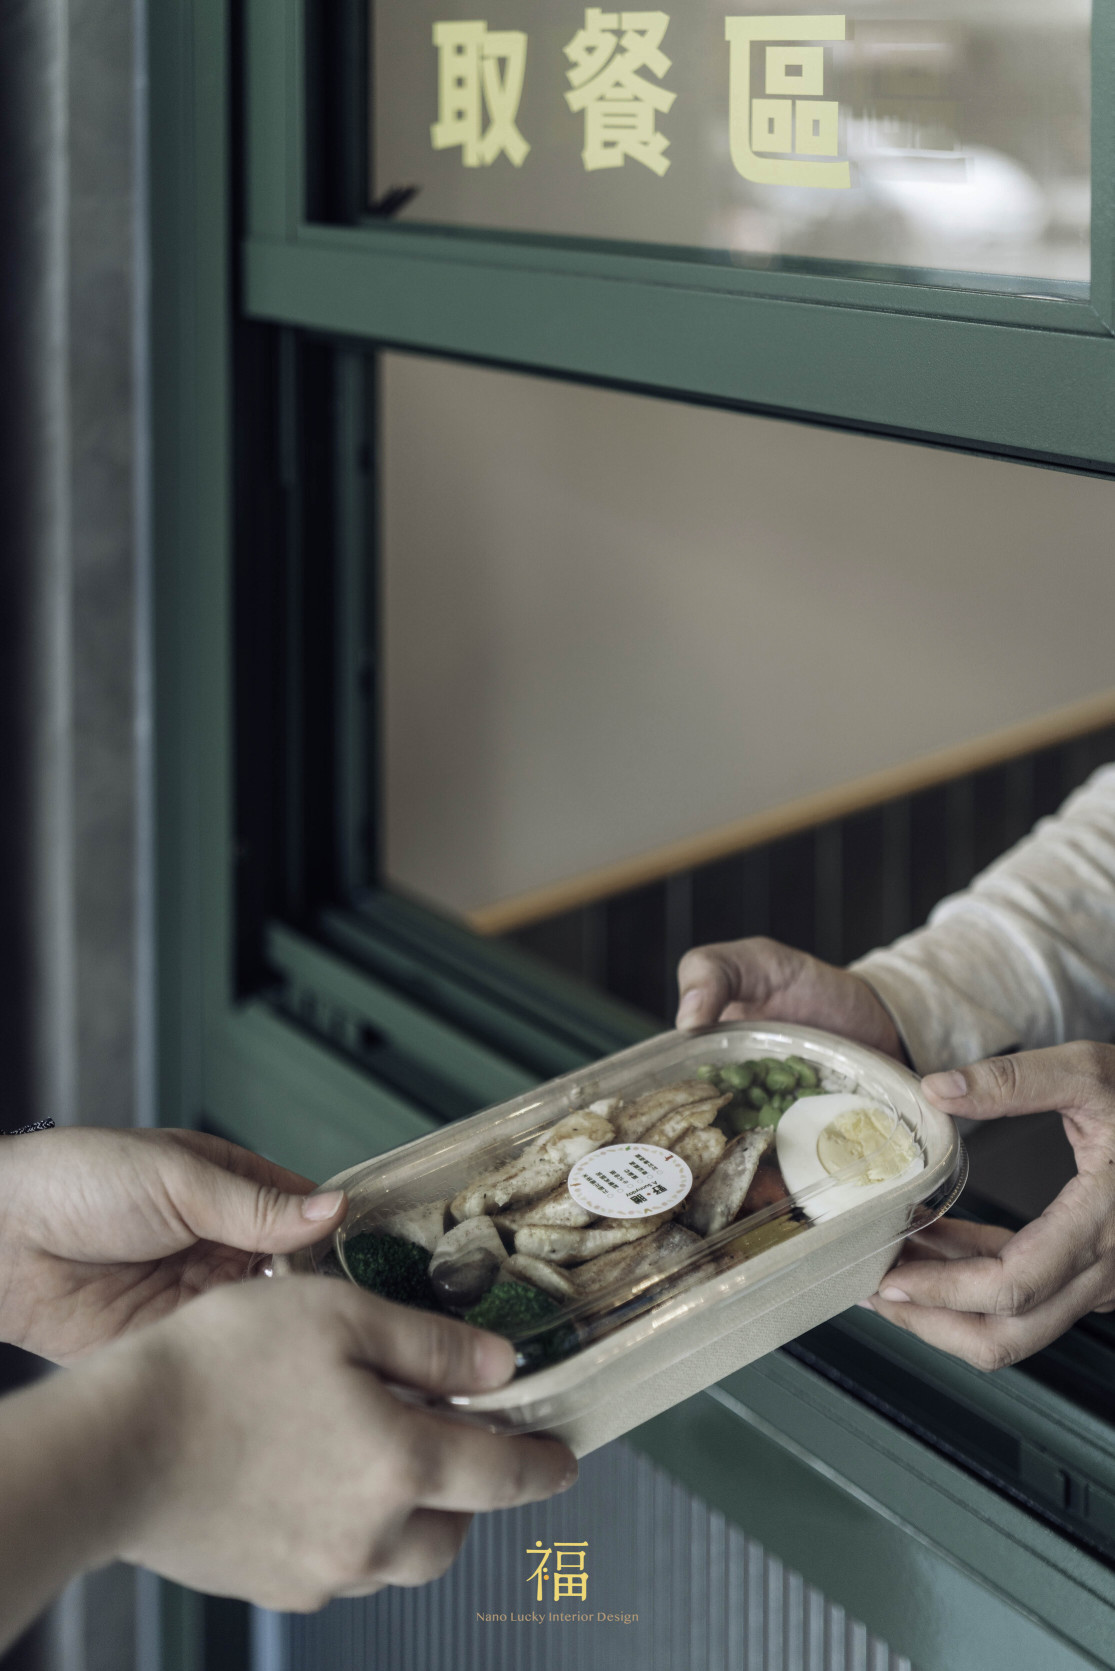 11野膳健康餐|外帶快速窗口|小福砌商空設計